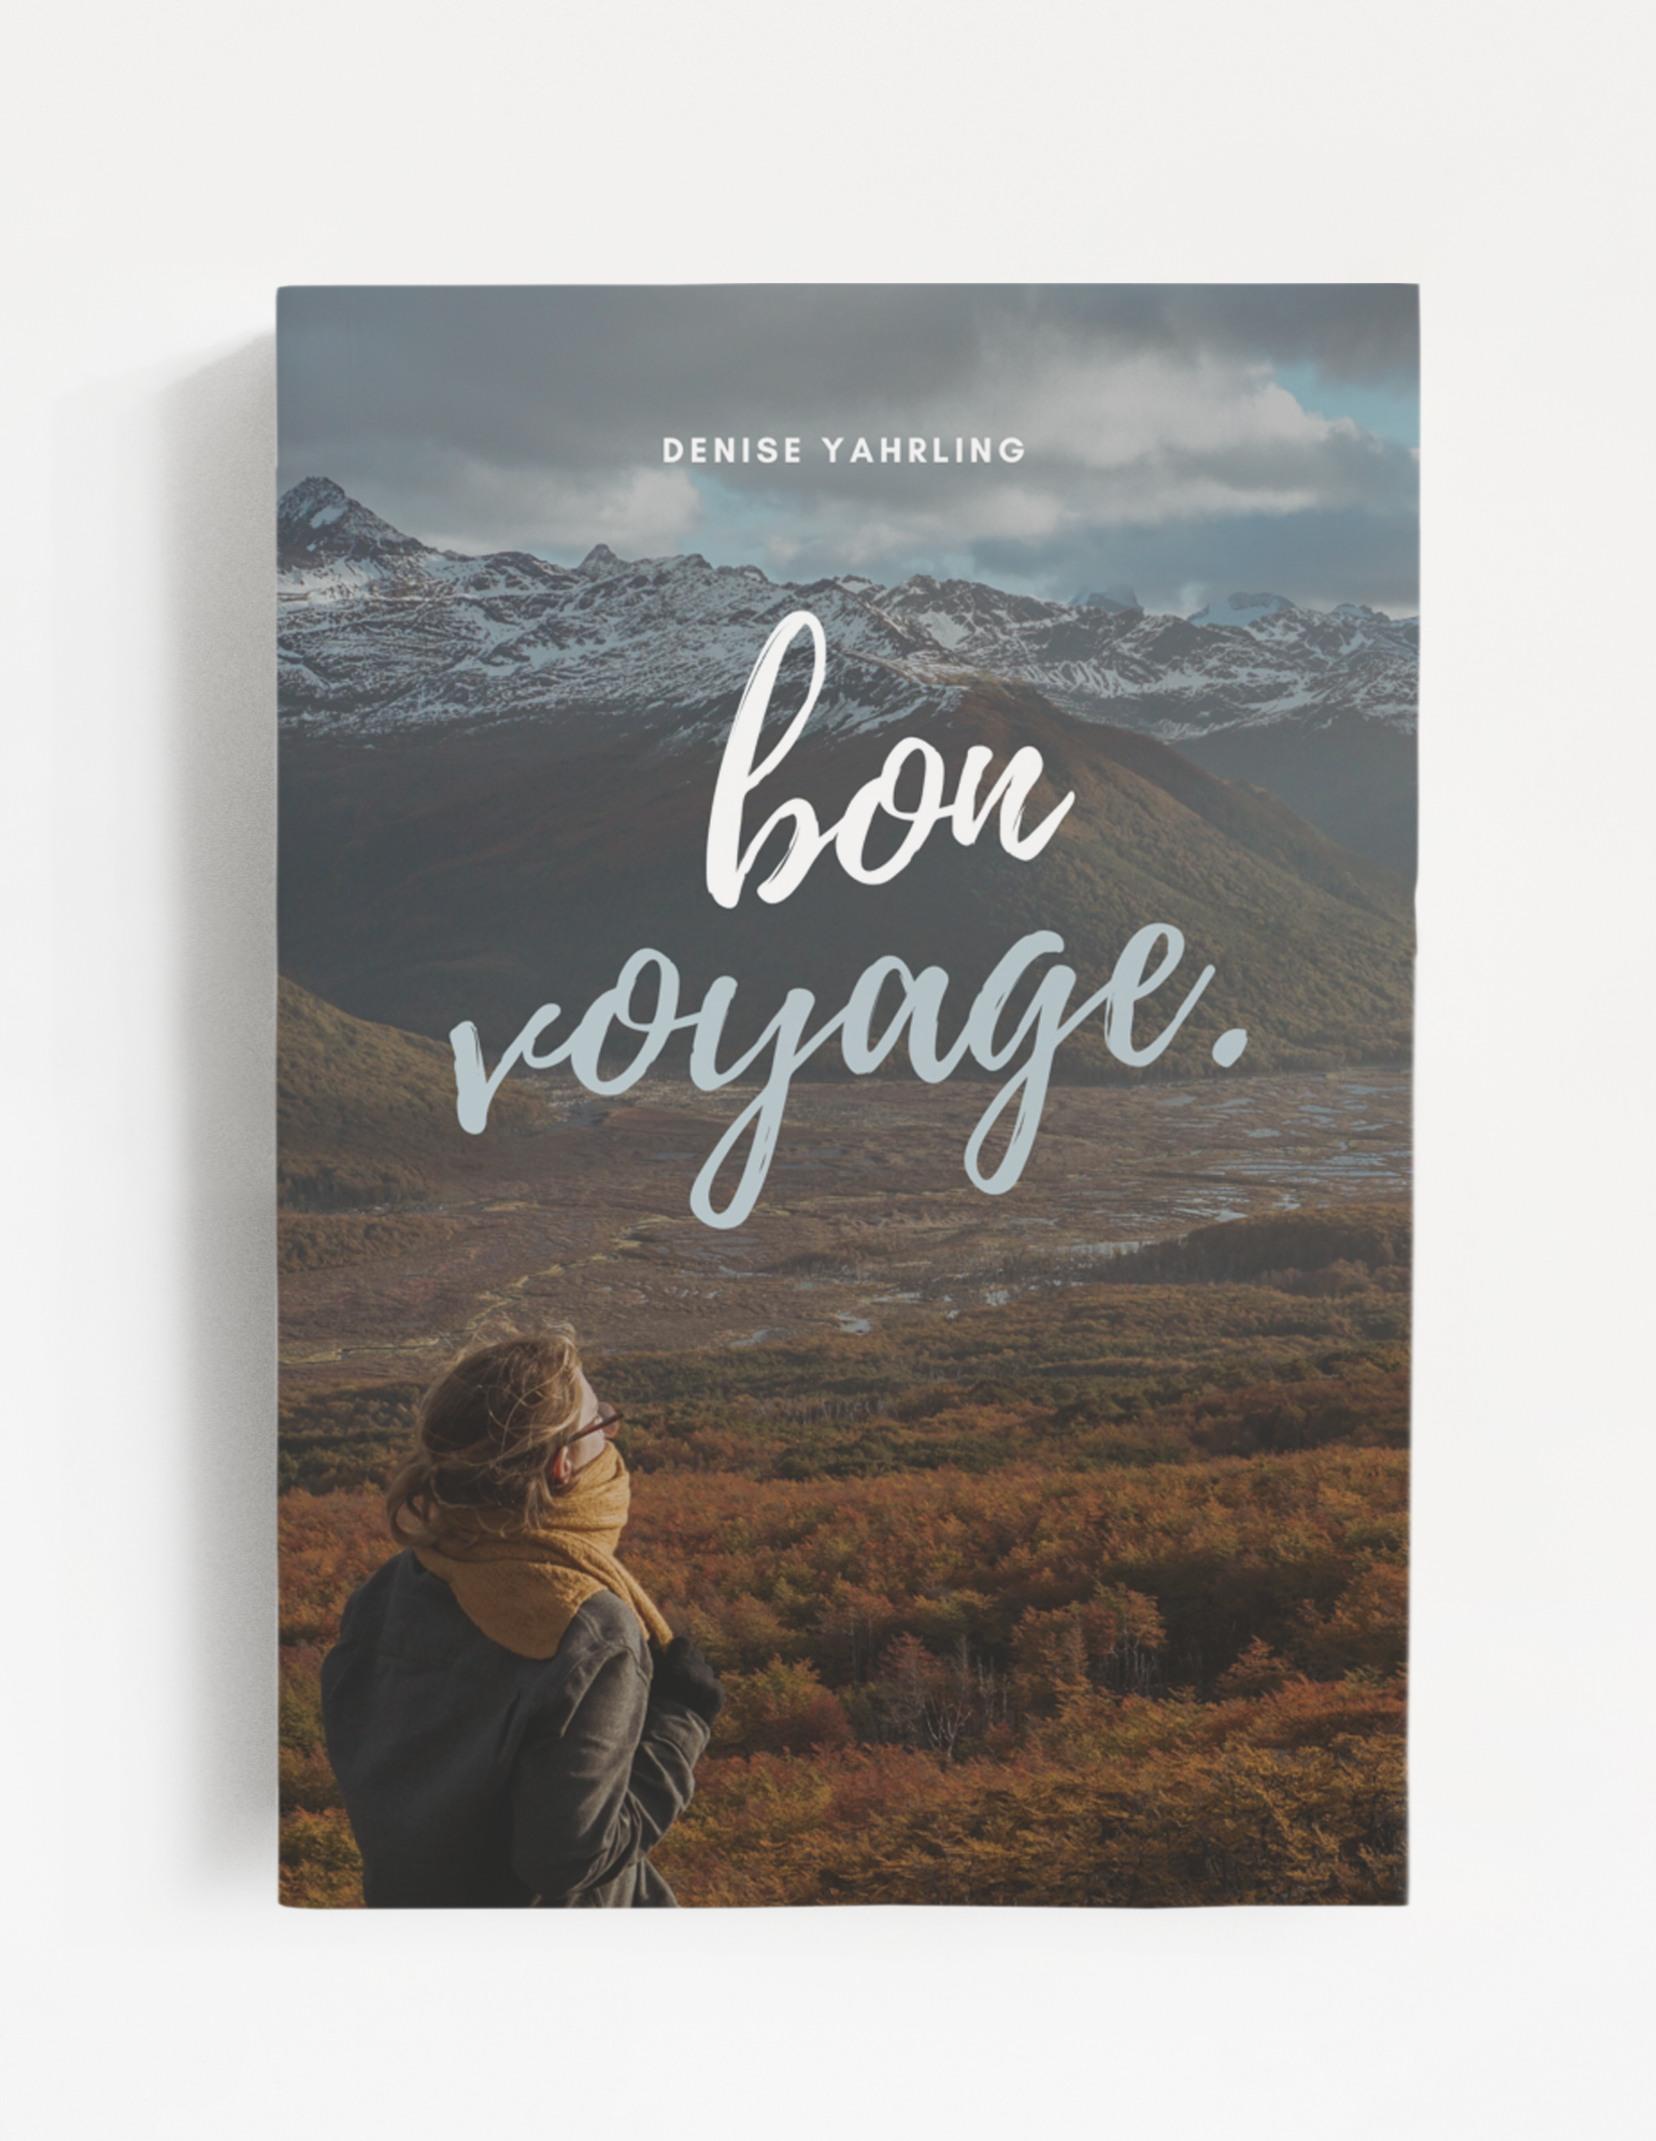 bon-voyage-reisen-mit-krankheit-dein-wegweiser-Denise-Yahrling